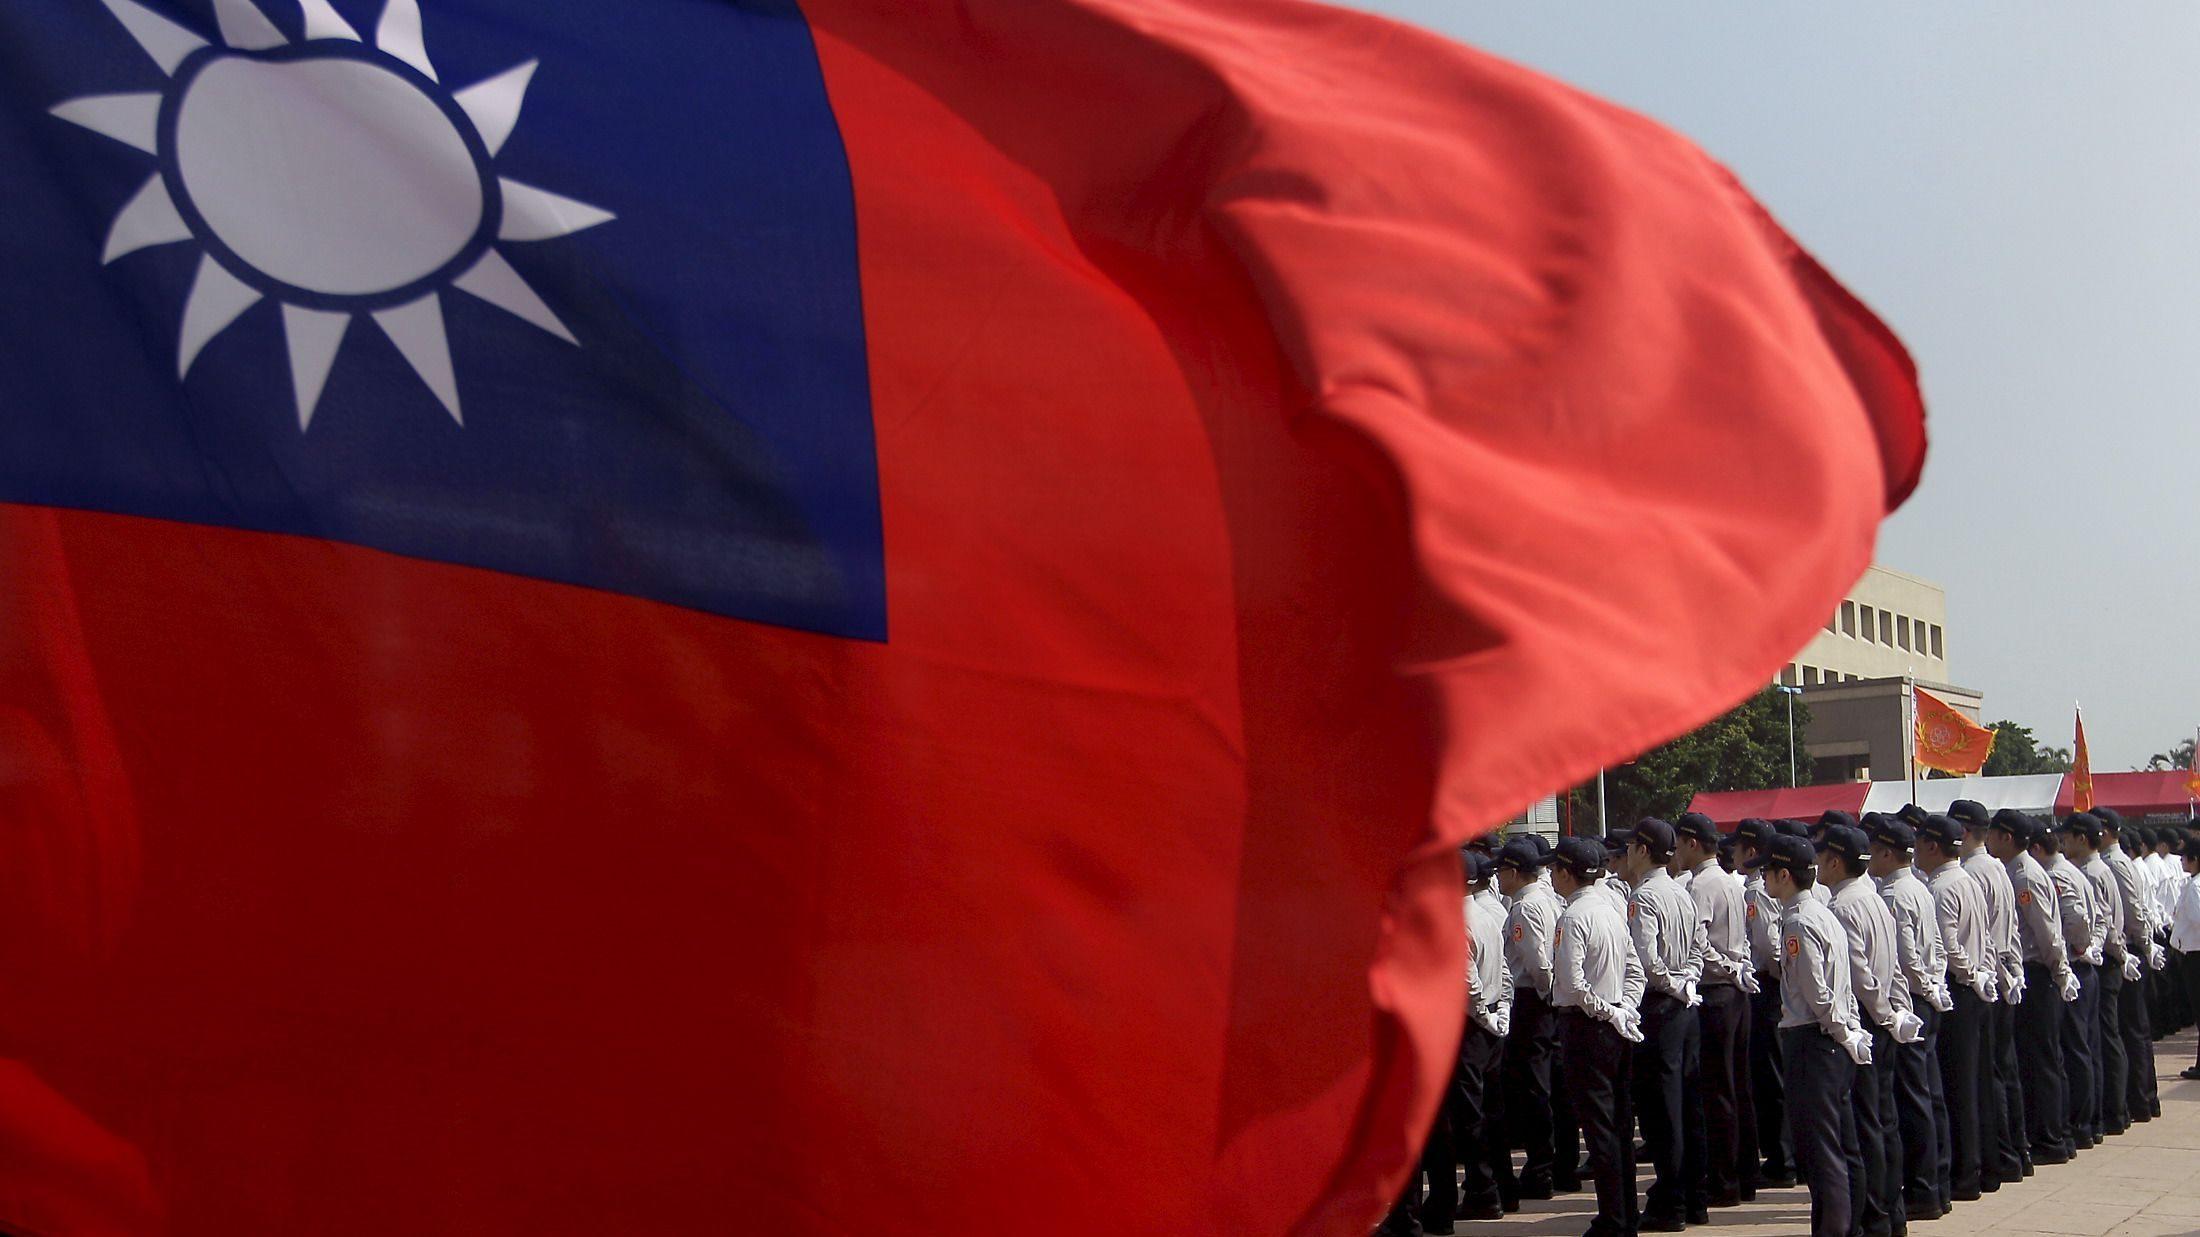 The Taiwan flag